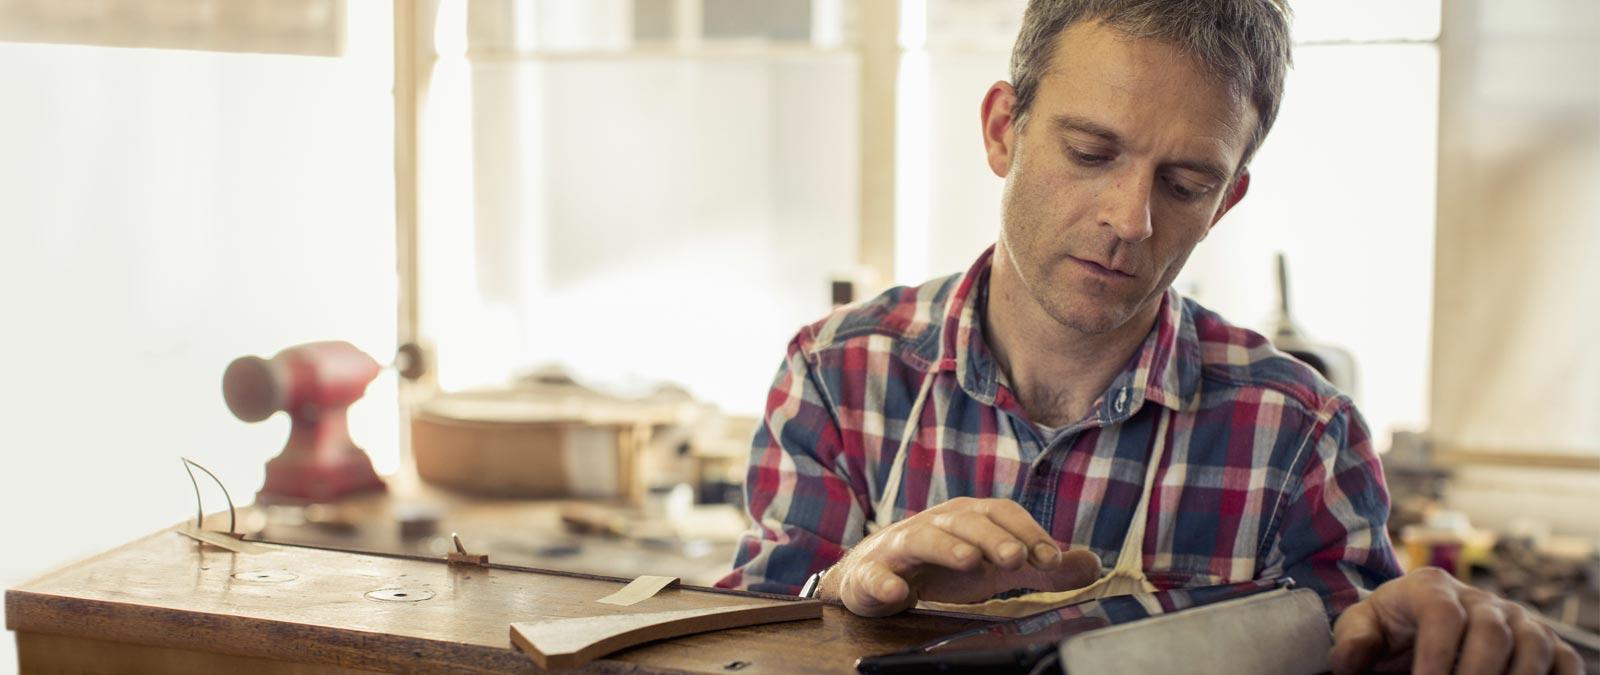 En man i en verkstad som använder Office 365 Business på en surfplatta.